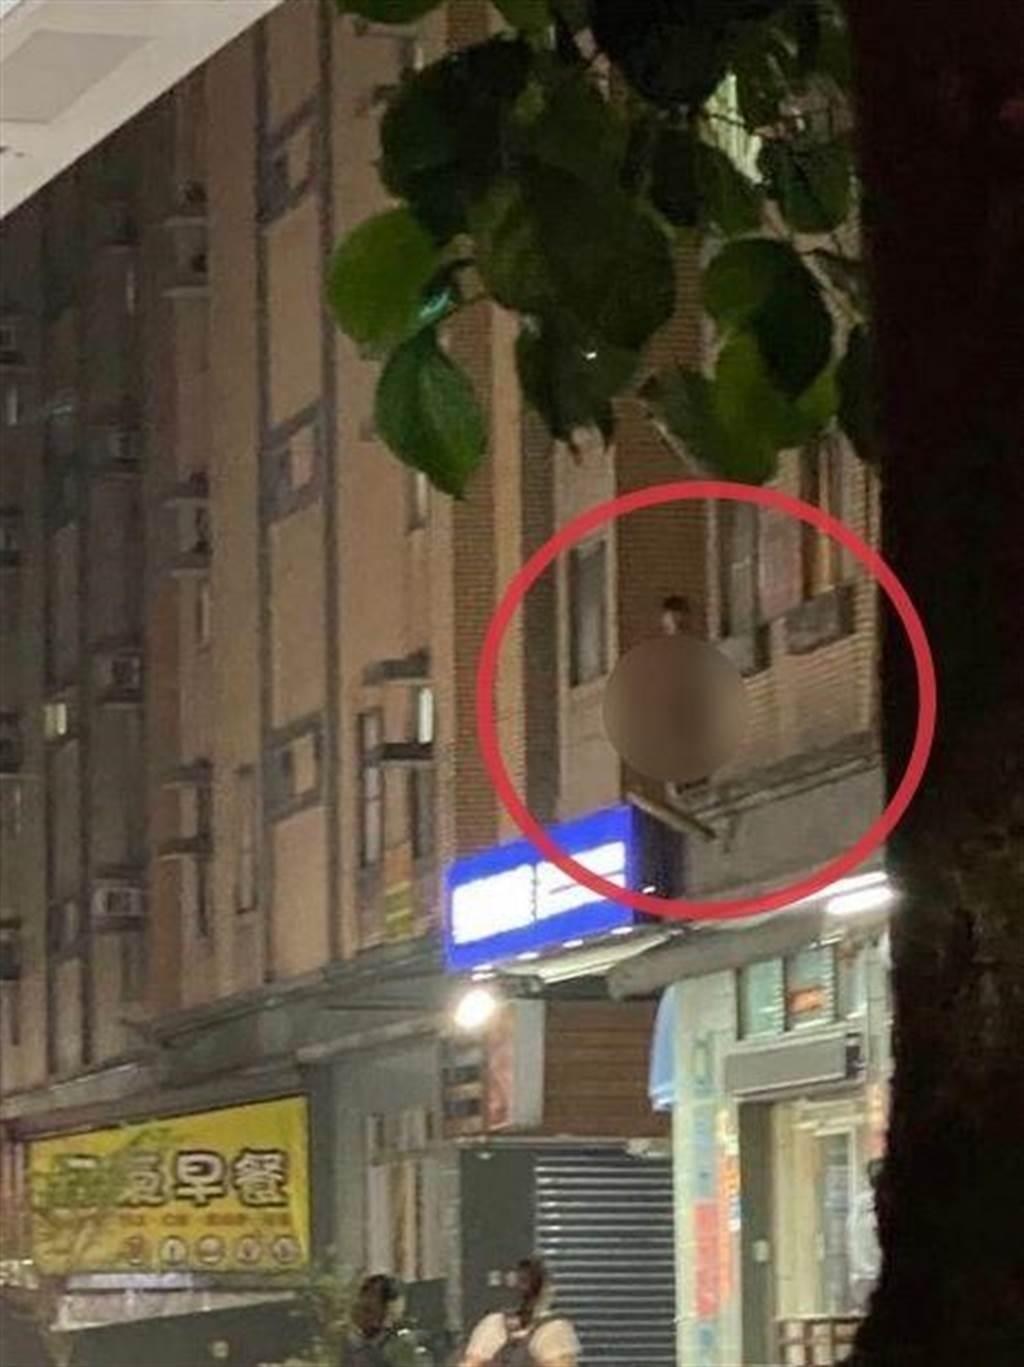 淡江大學旁社區驚見神秘裸男高掛在樓牆上,民眾拍下「無碼露出。(圖/翻攝dcard)